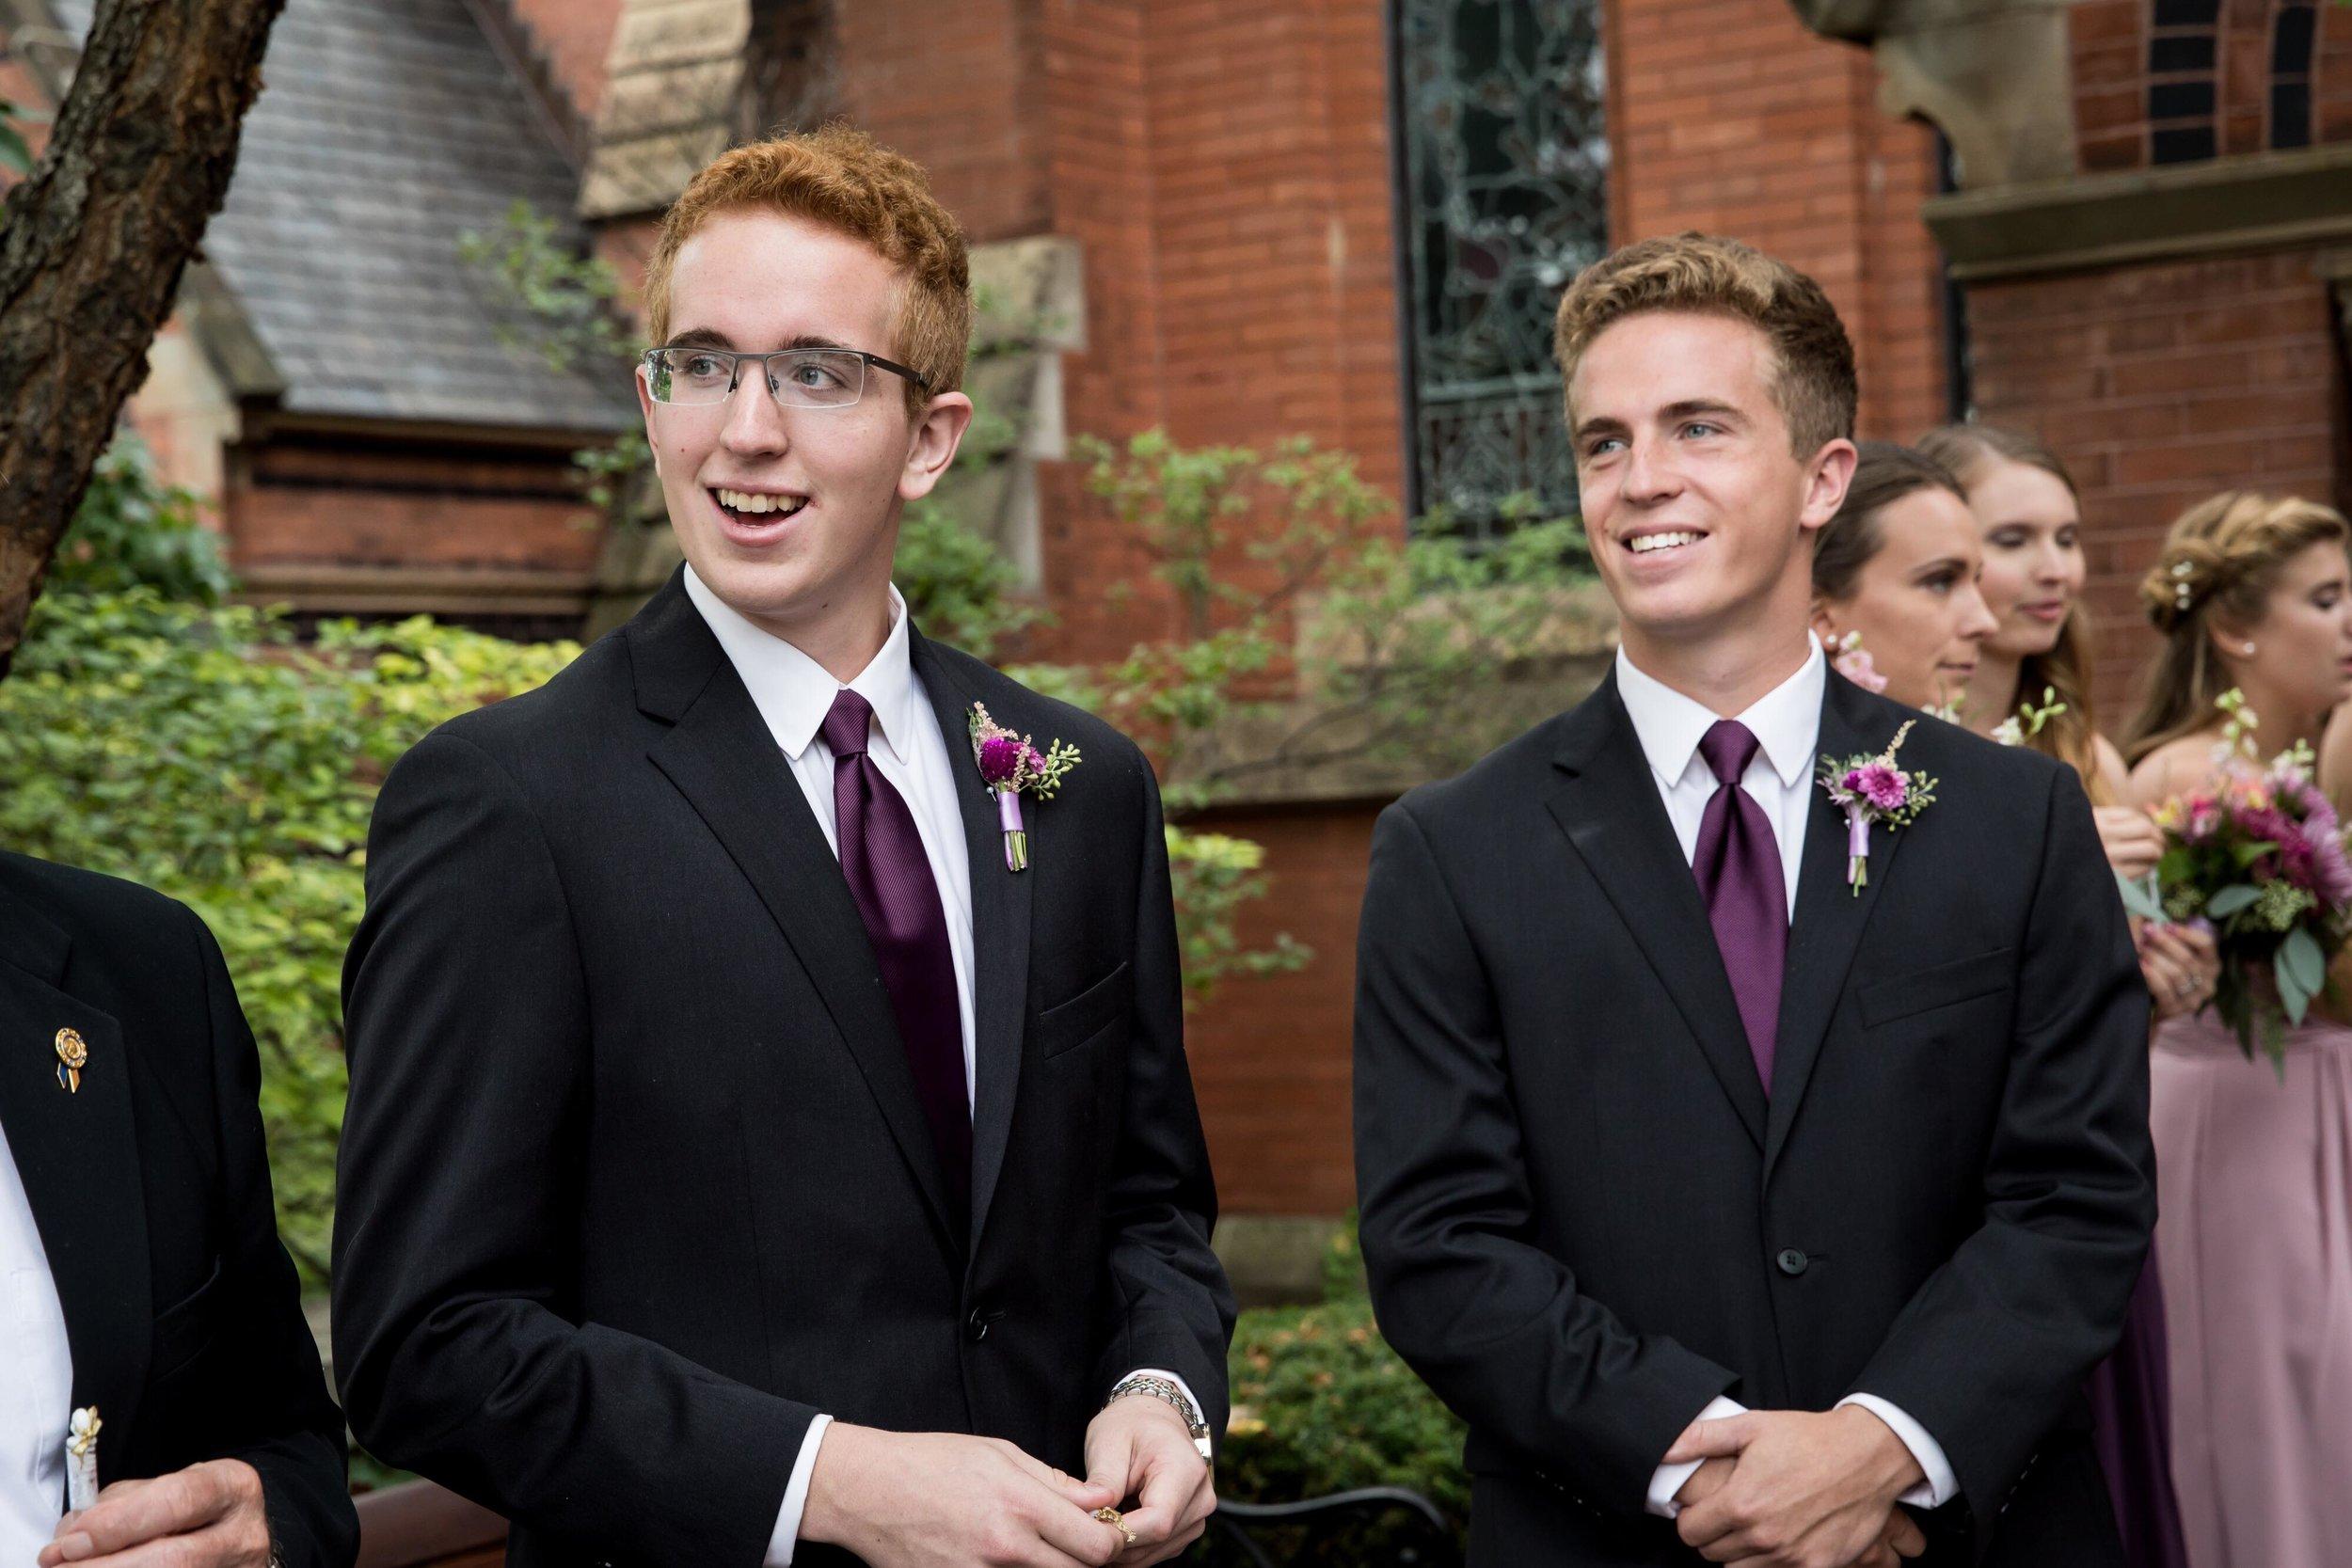 Jay and Ethan.jpg